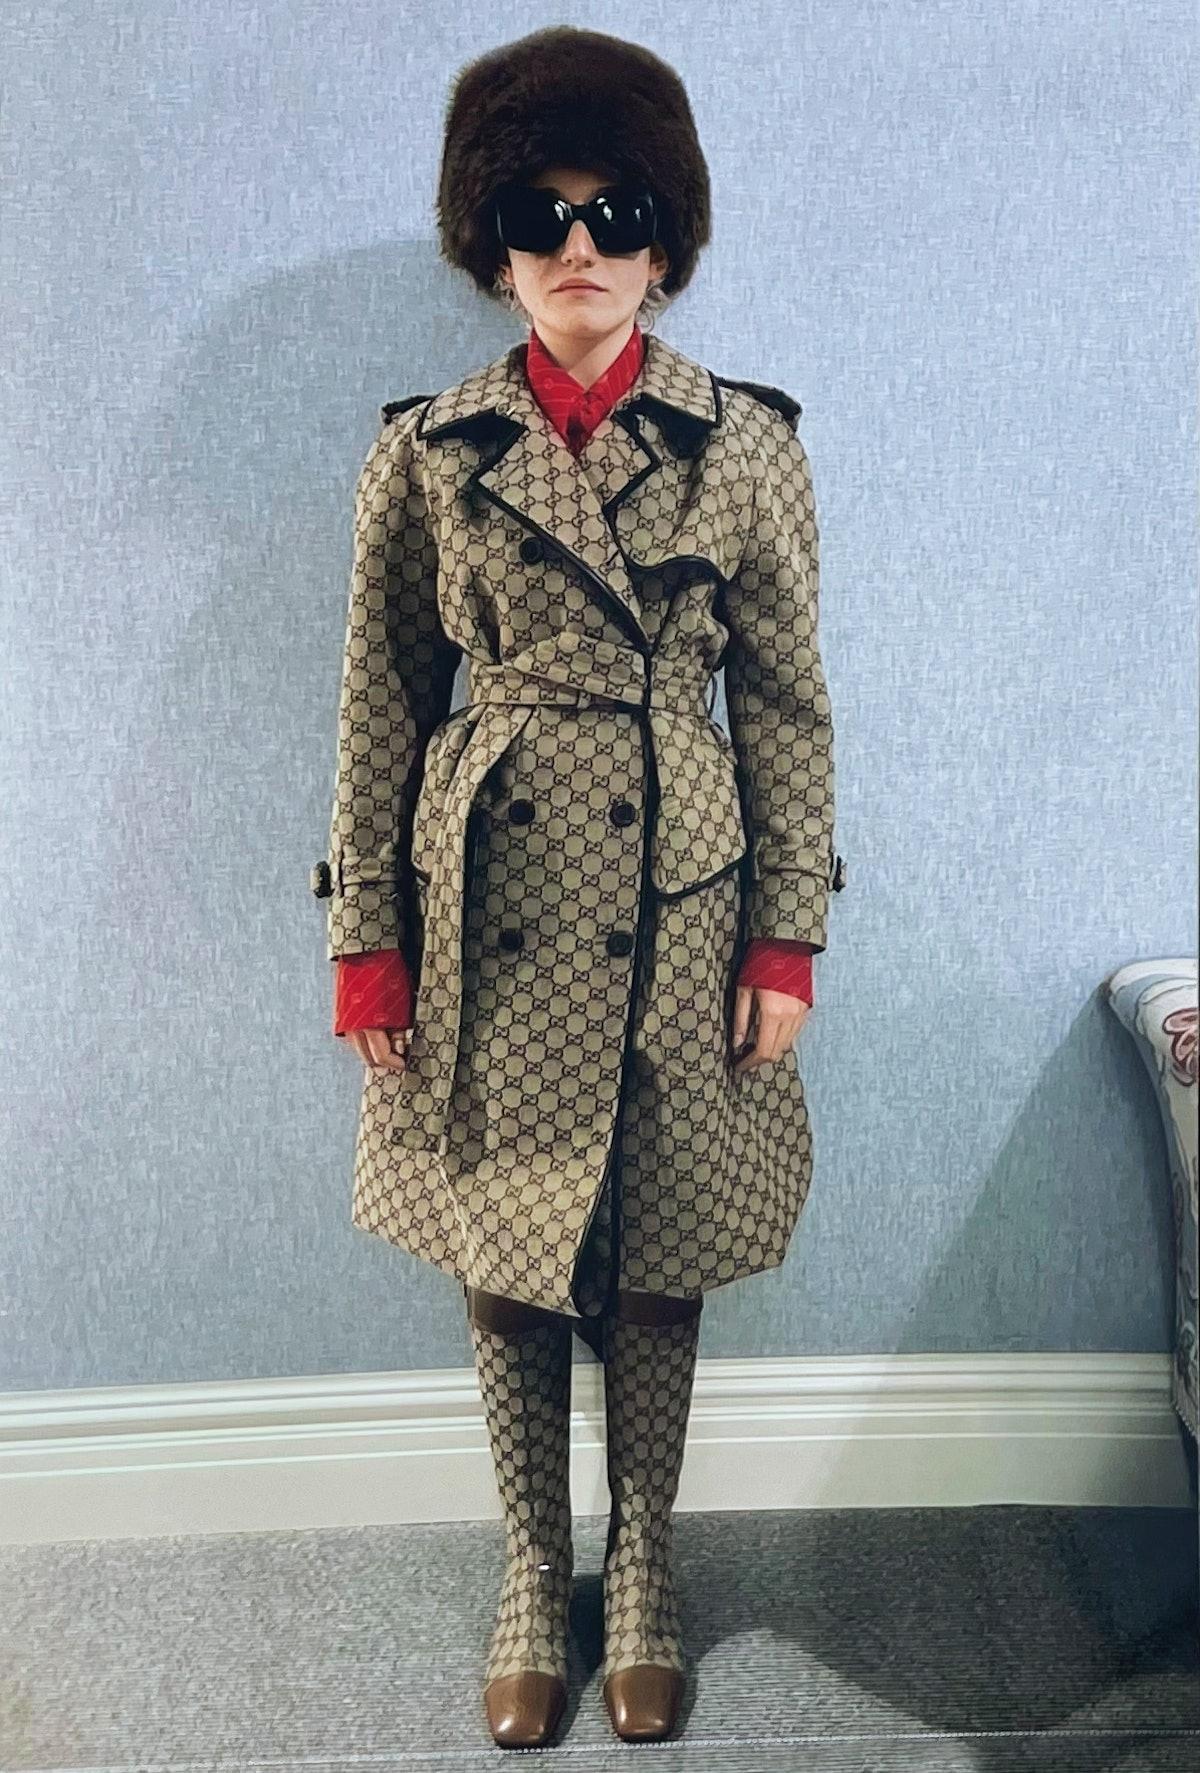 Julia Garner channeling Catherine Deneuve in a trenchcoat.